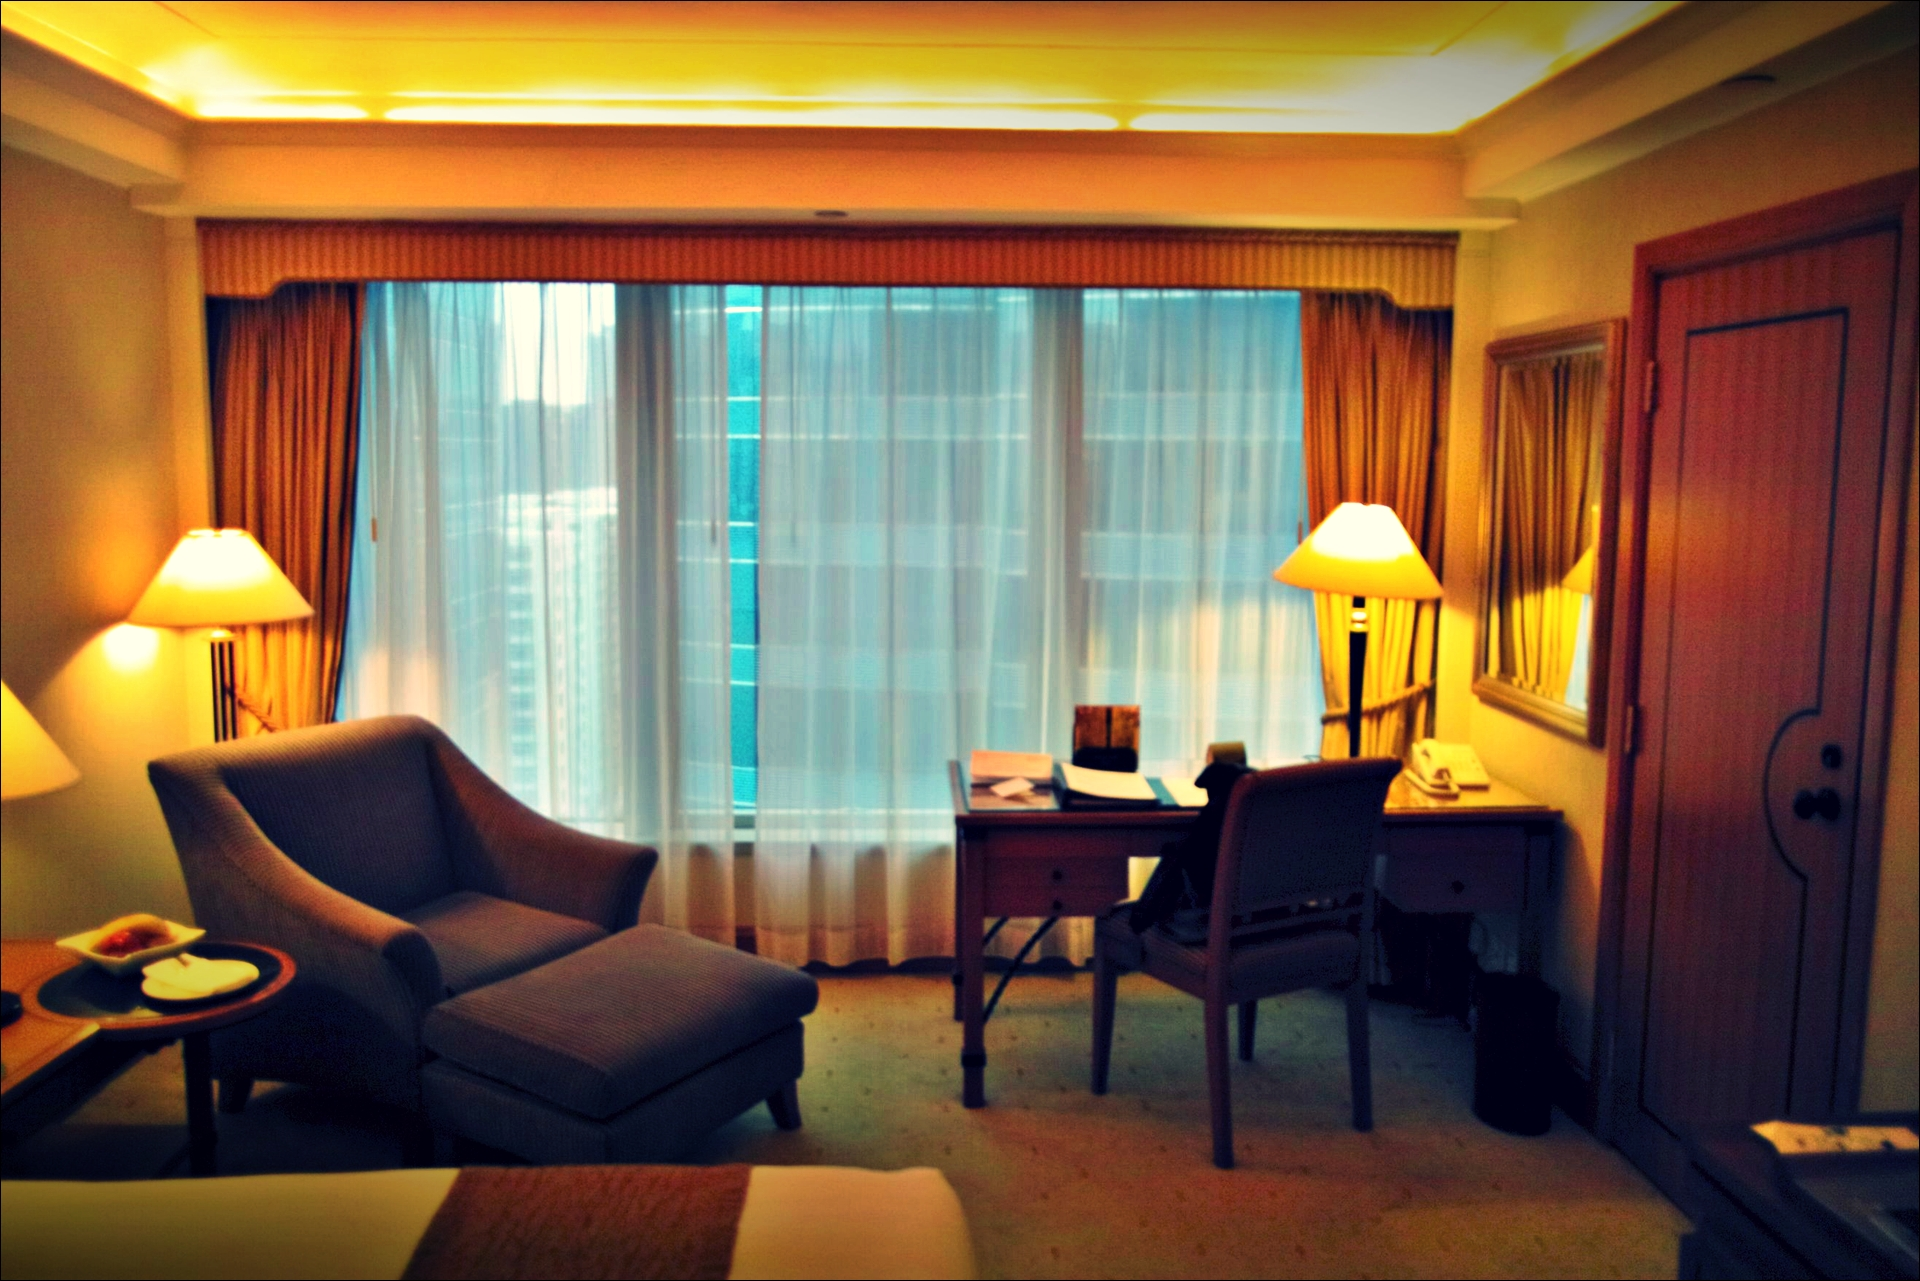 객실-'하버 그랜드 구룡 호텔, 홍콩 (Harbour Grand Kowloon, Hongkong)'